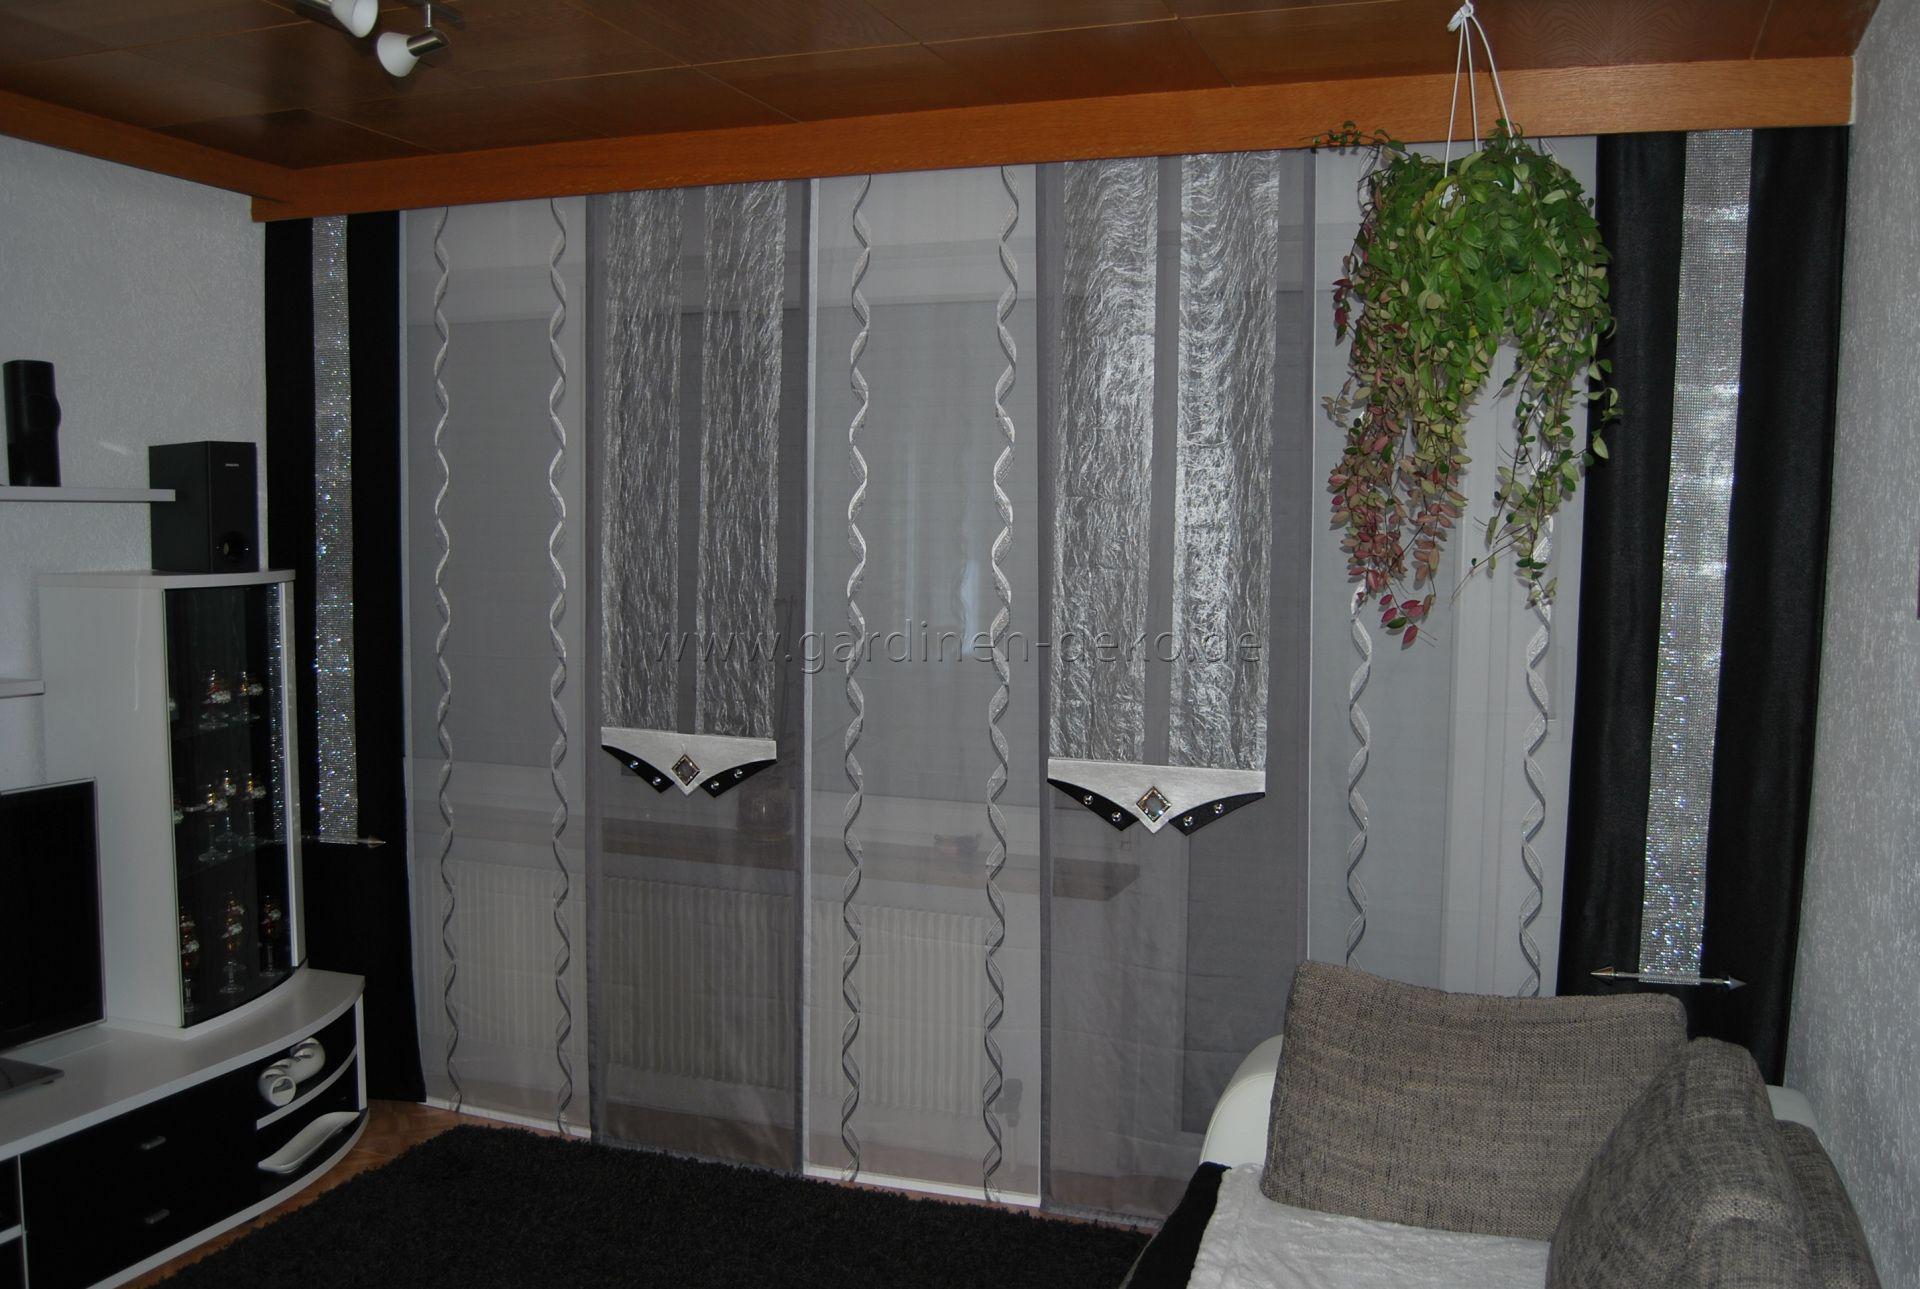 Wohnzimmer Schiebevorhang in weiß, silber und grau mit dunklen ...